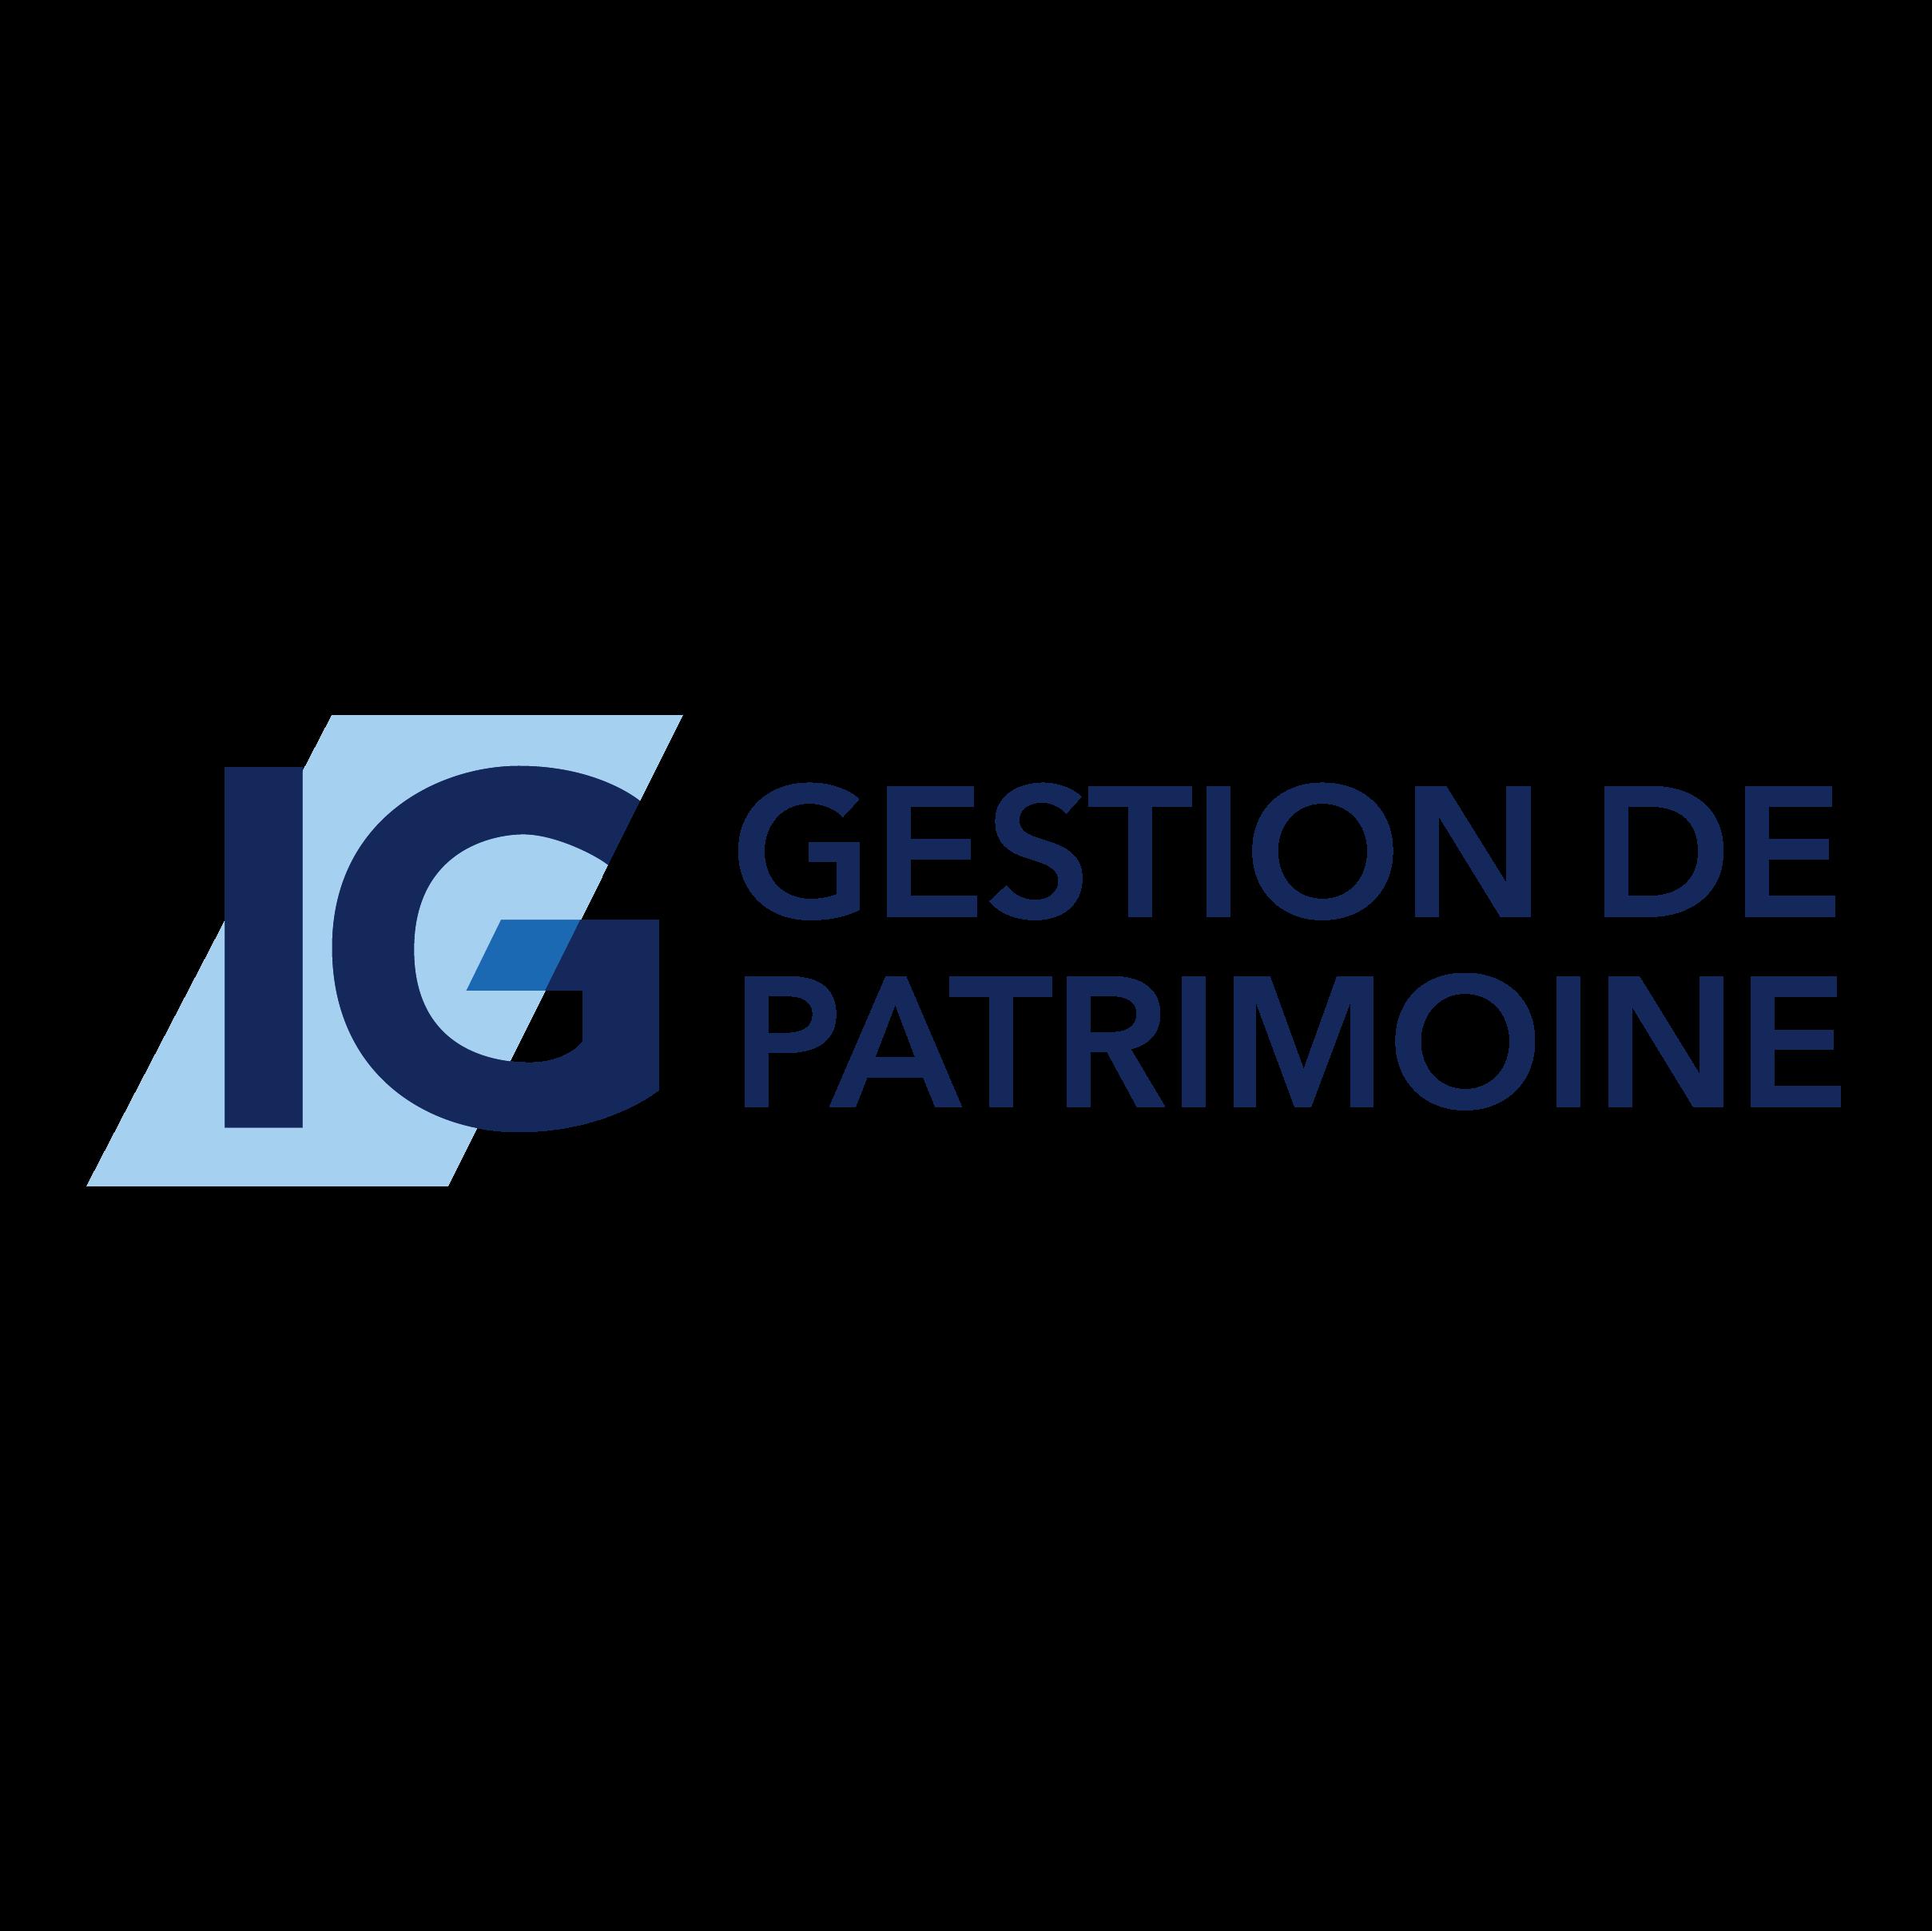 IG Gestion de Patrimoine